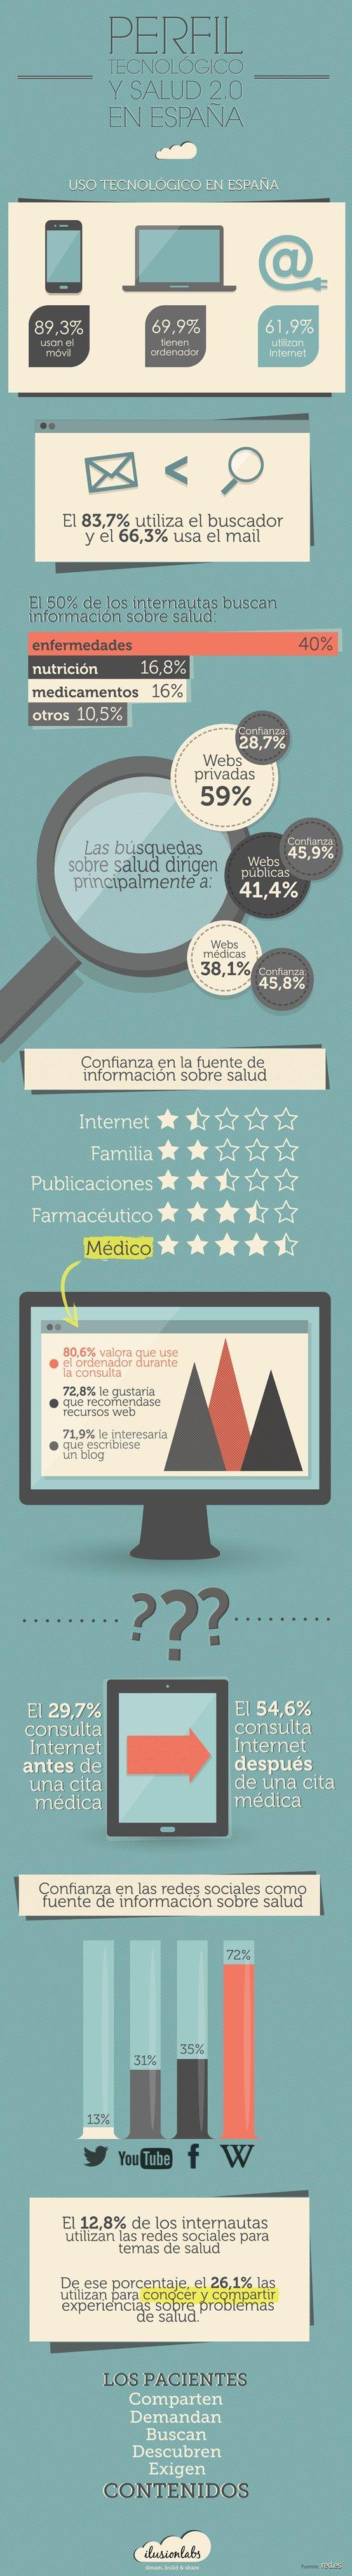 #infografia del Consumo de salud 2.0 en España